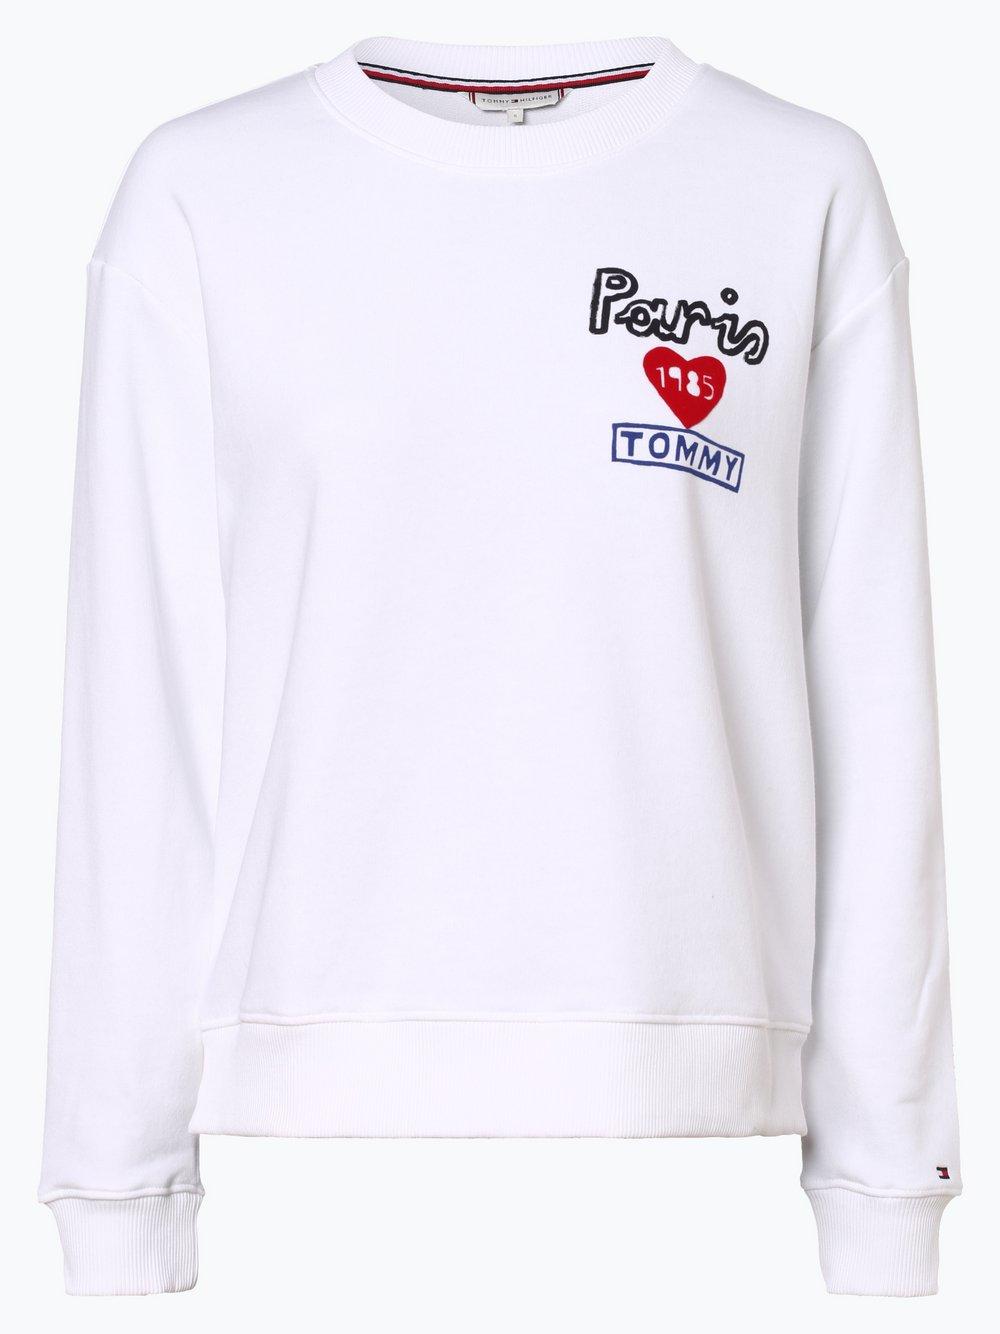 dd199070f4cb Tommy Hilfiger Damen Sweatshirt  2  online kaufen   PEEK-UND ...